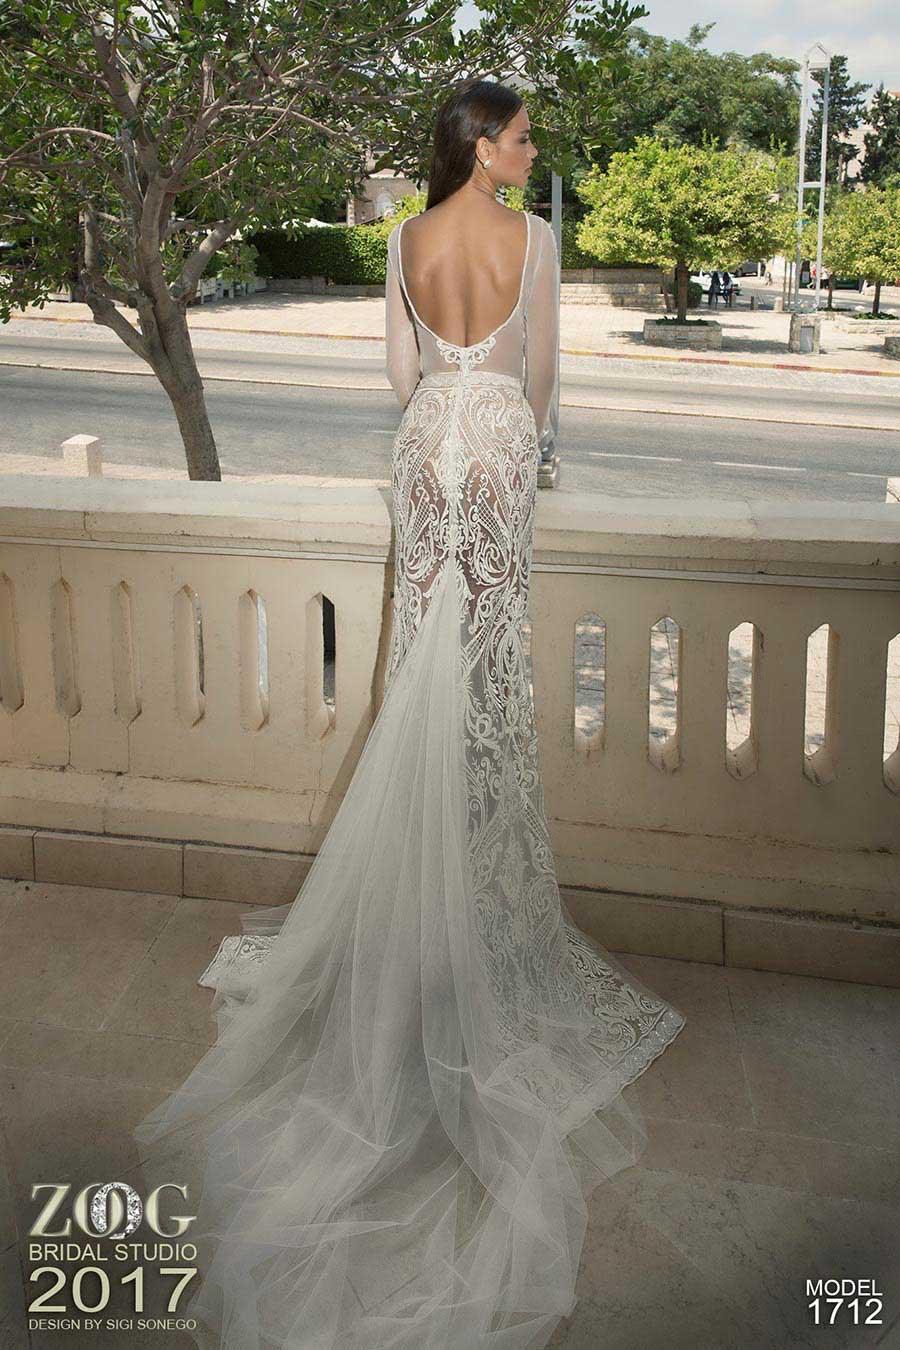 שמלת כלה שרוולים ארוכים ושובל